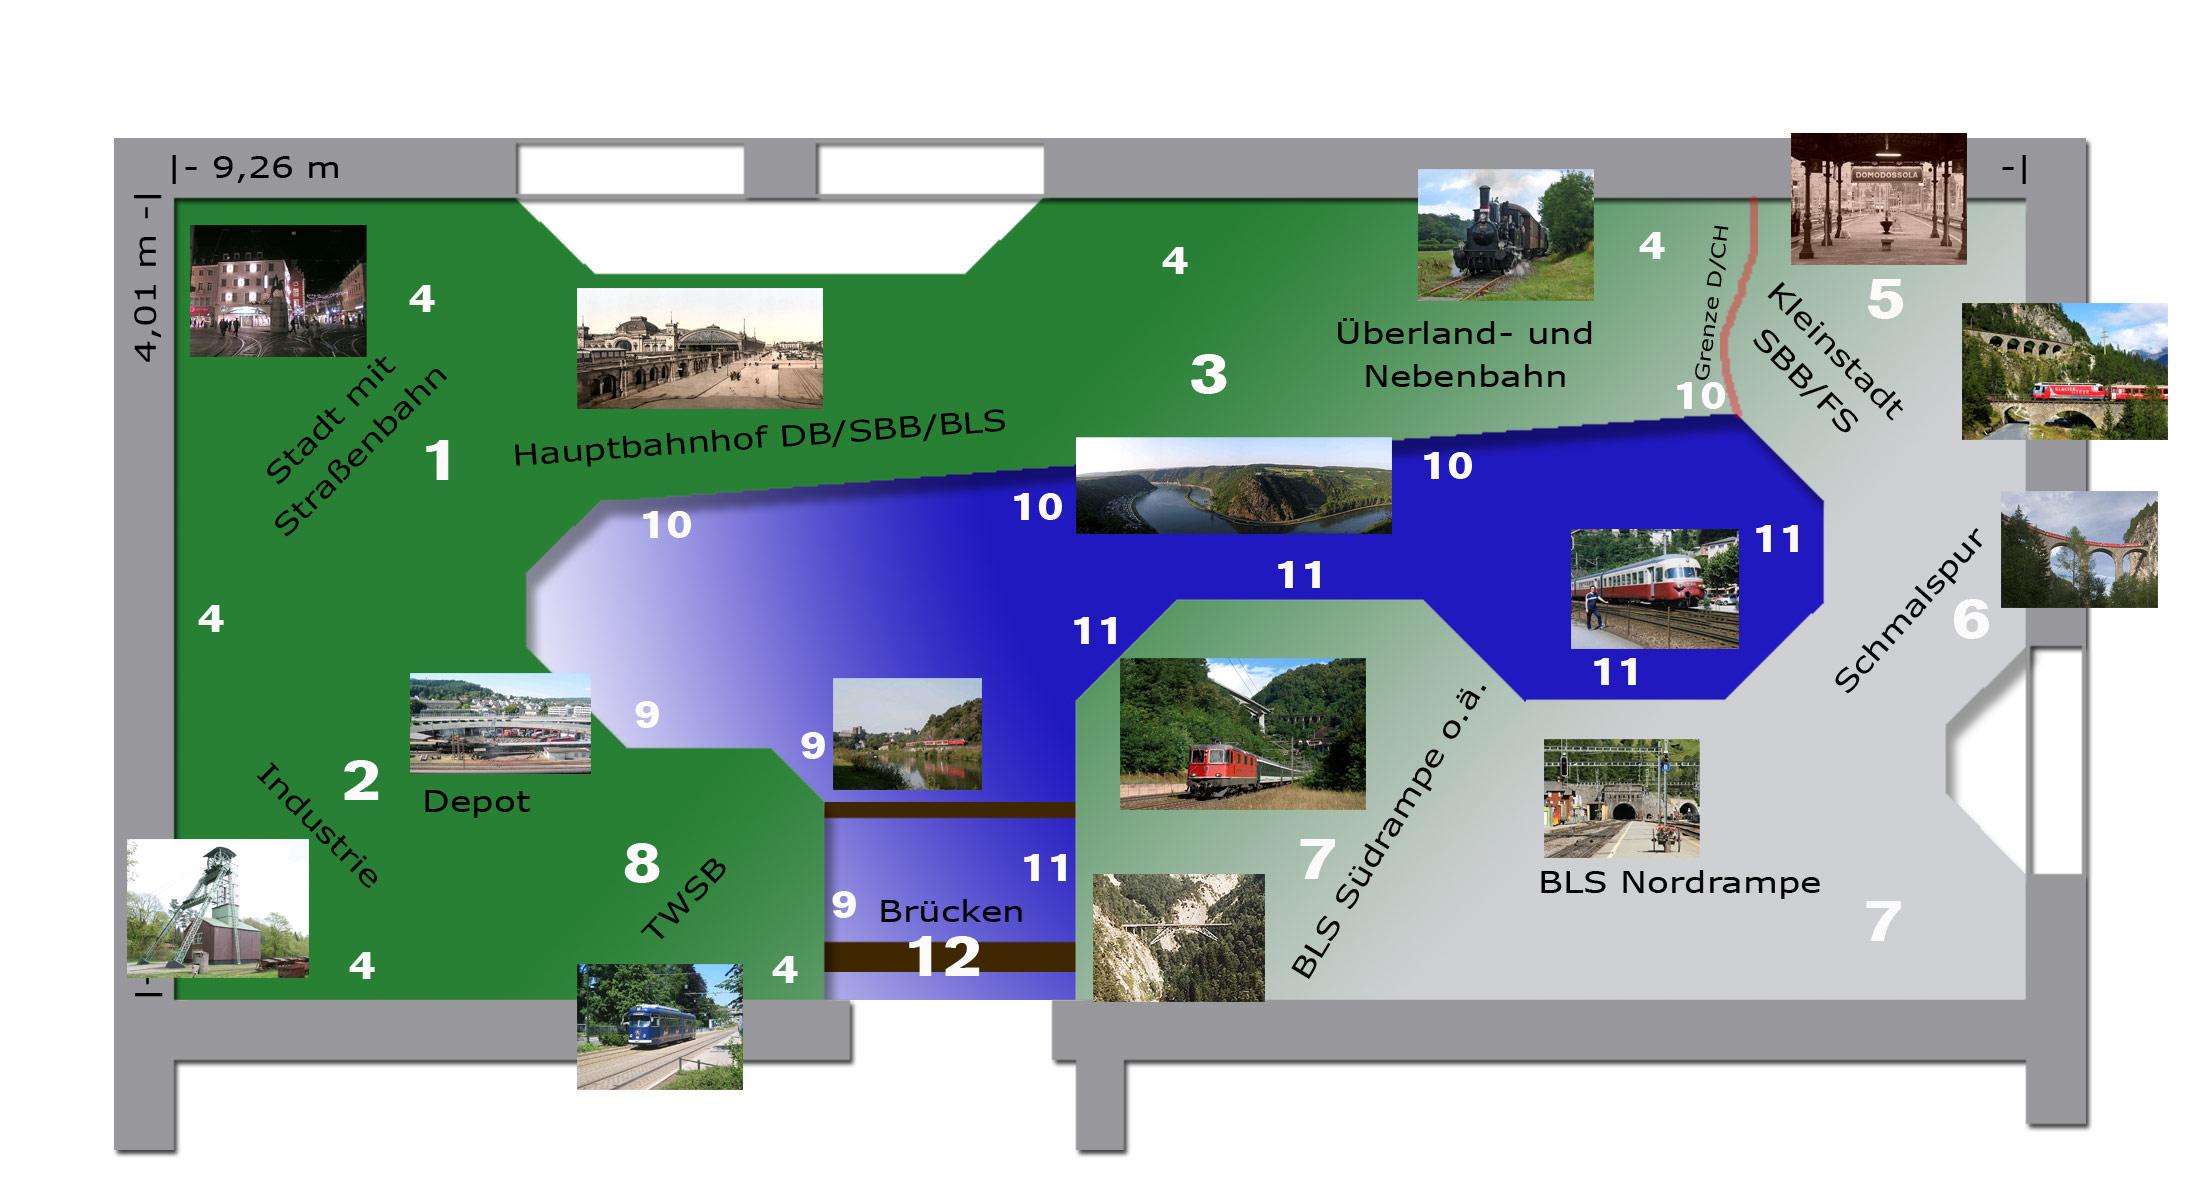 Modellbahn-Konzept